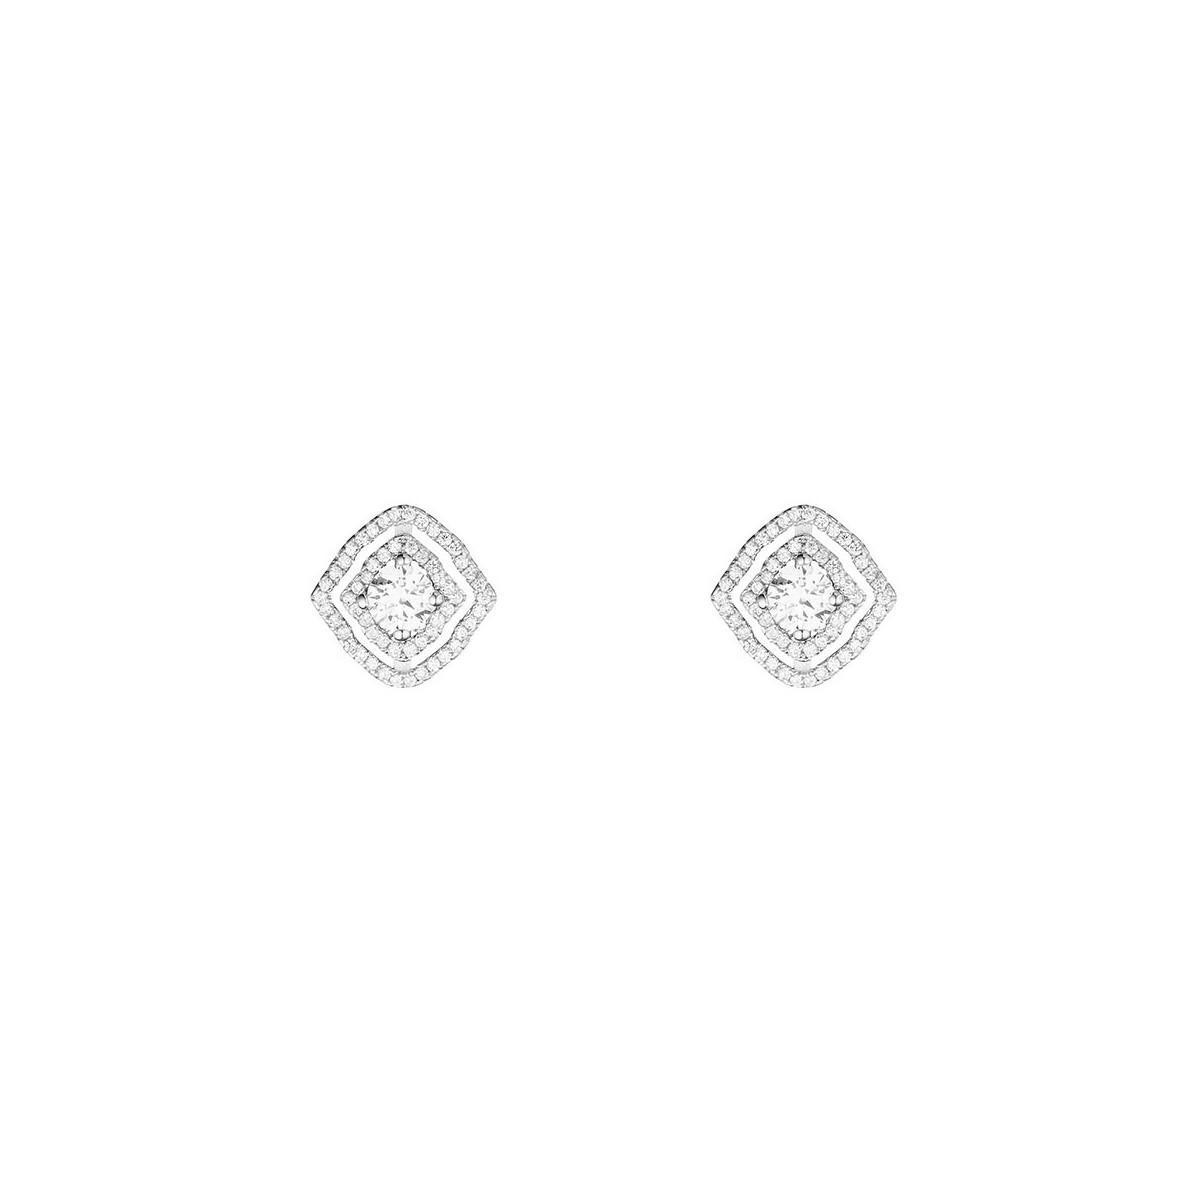 Boucles d'oreilles coussins brillantini en argent 925